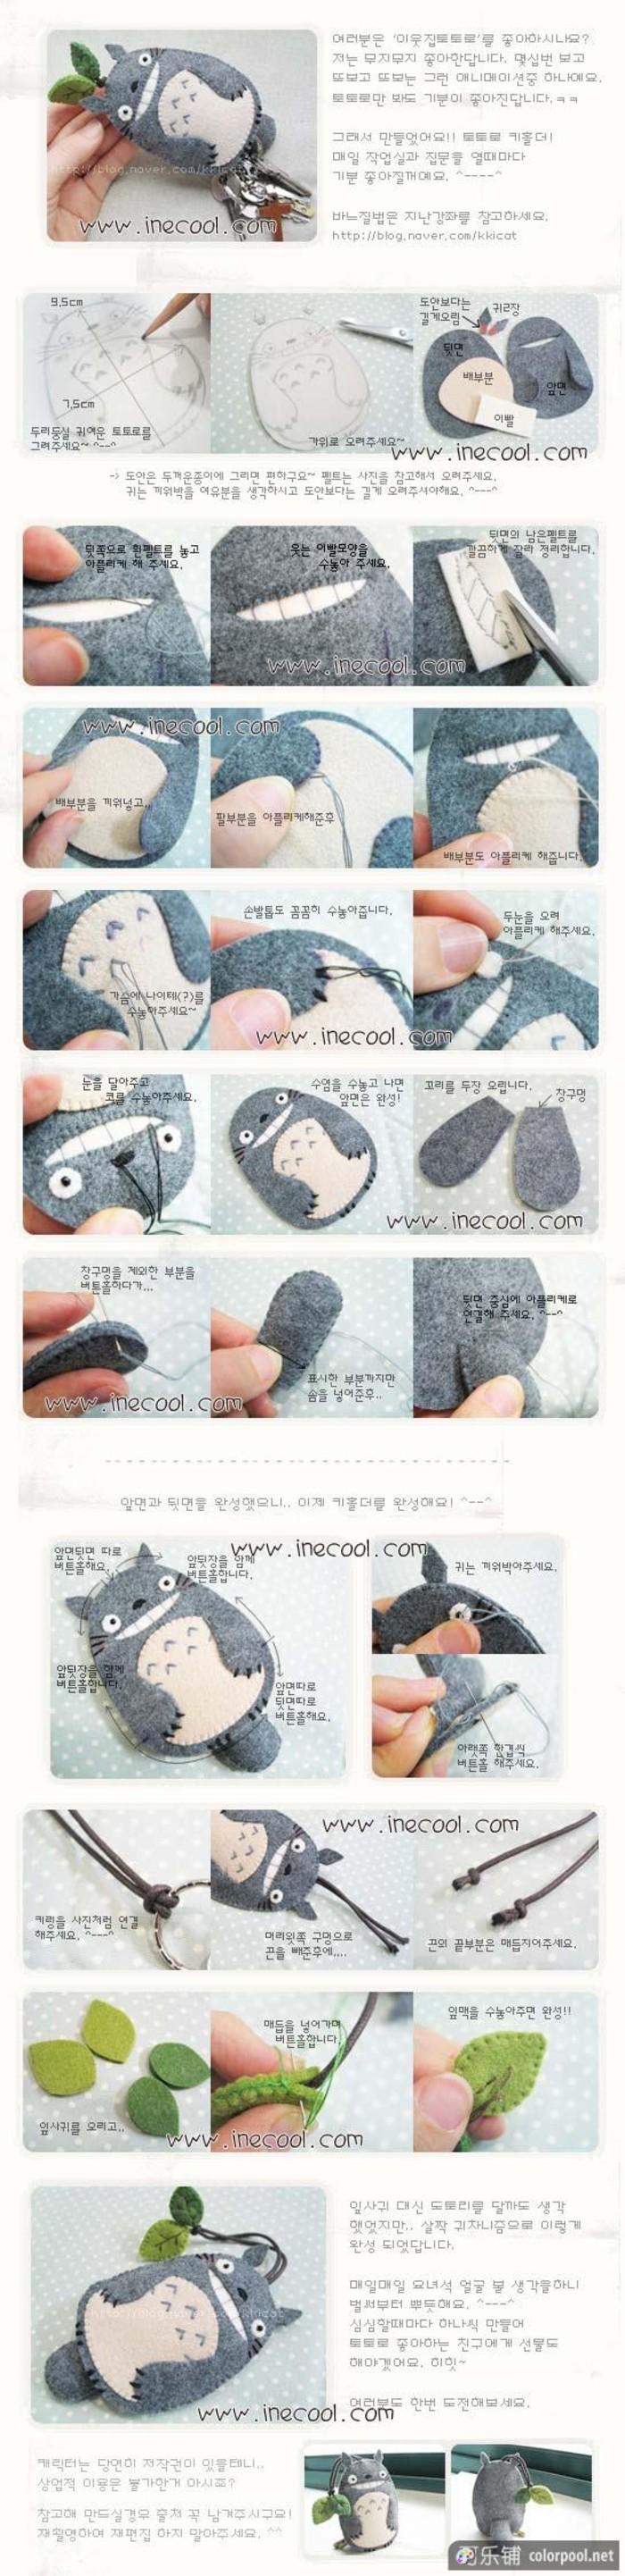 不织布龙猫。 | іграшки | Pinterest | Fieltro, Costura y Tutoriales